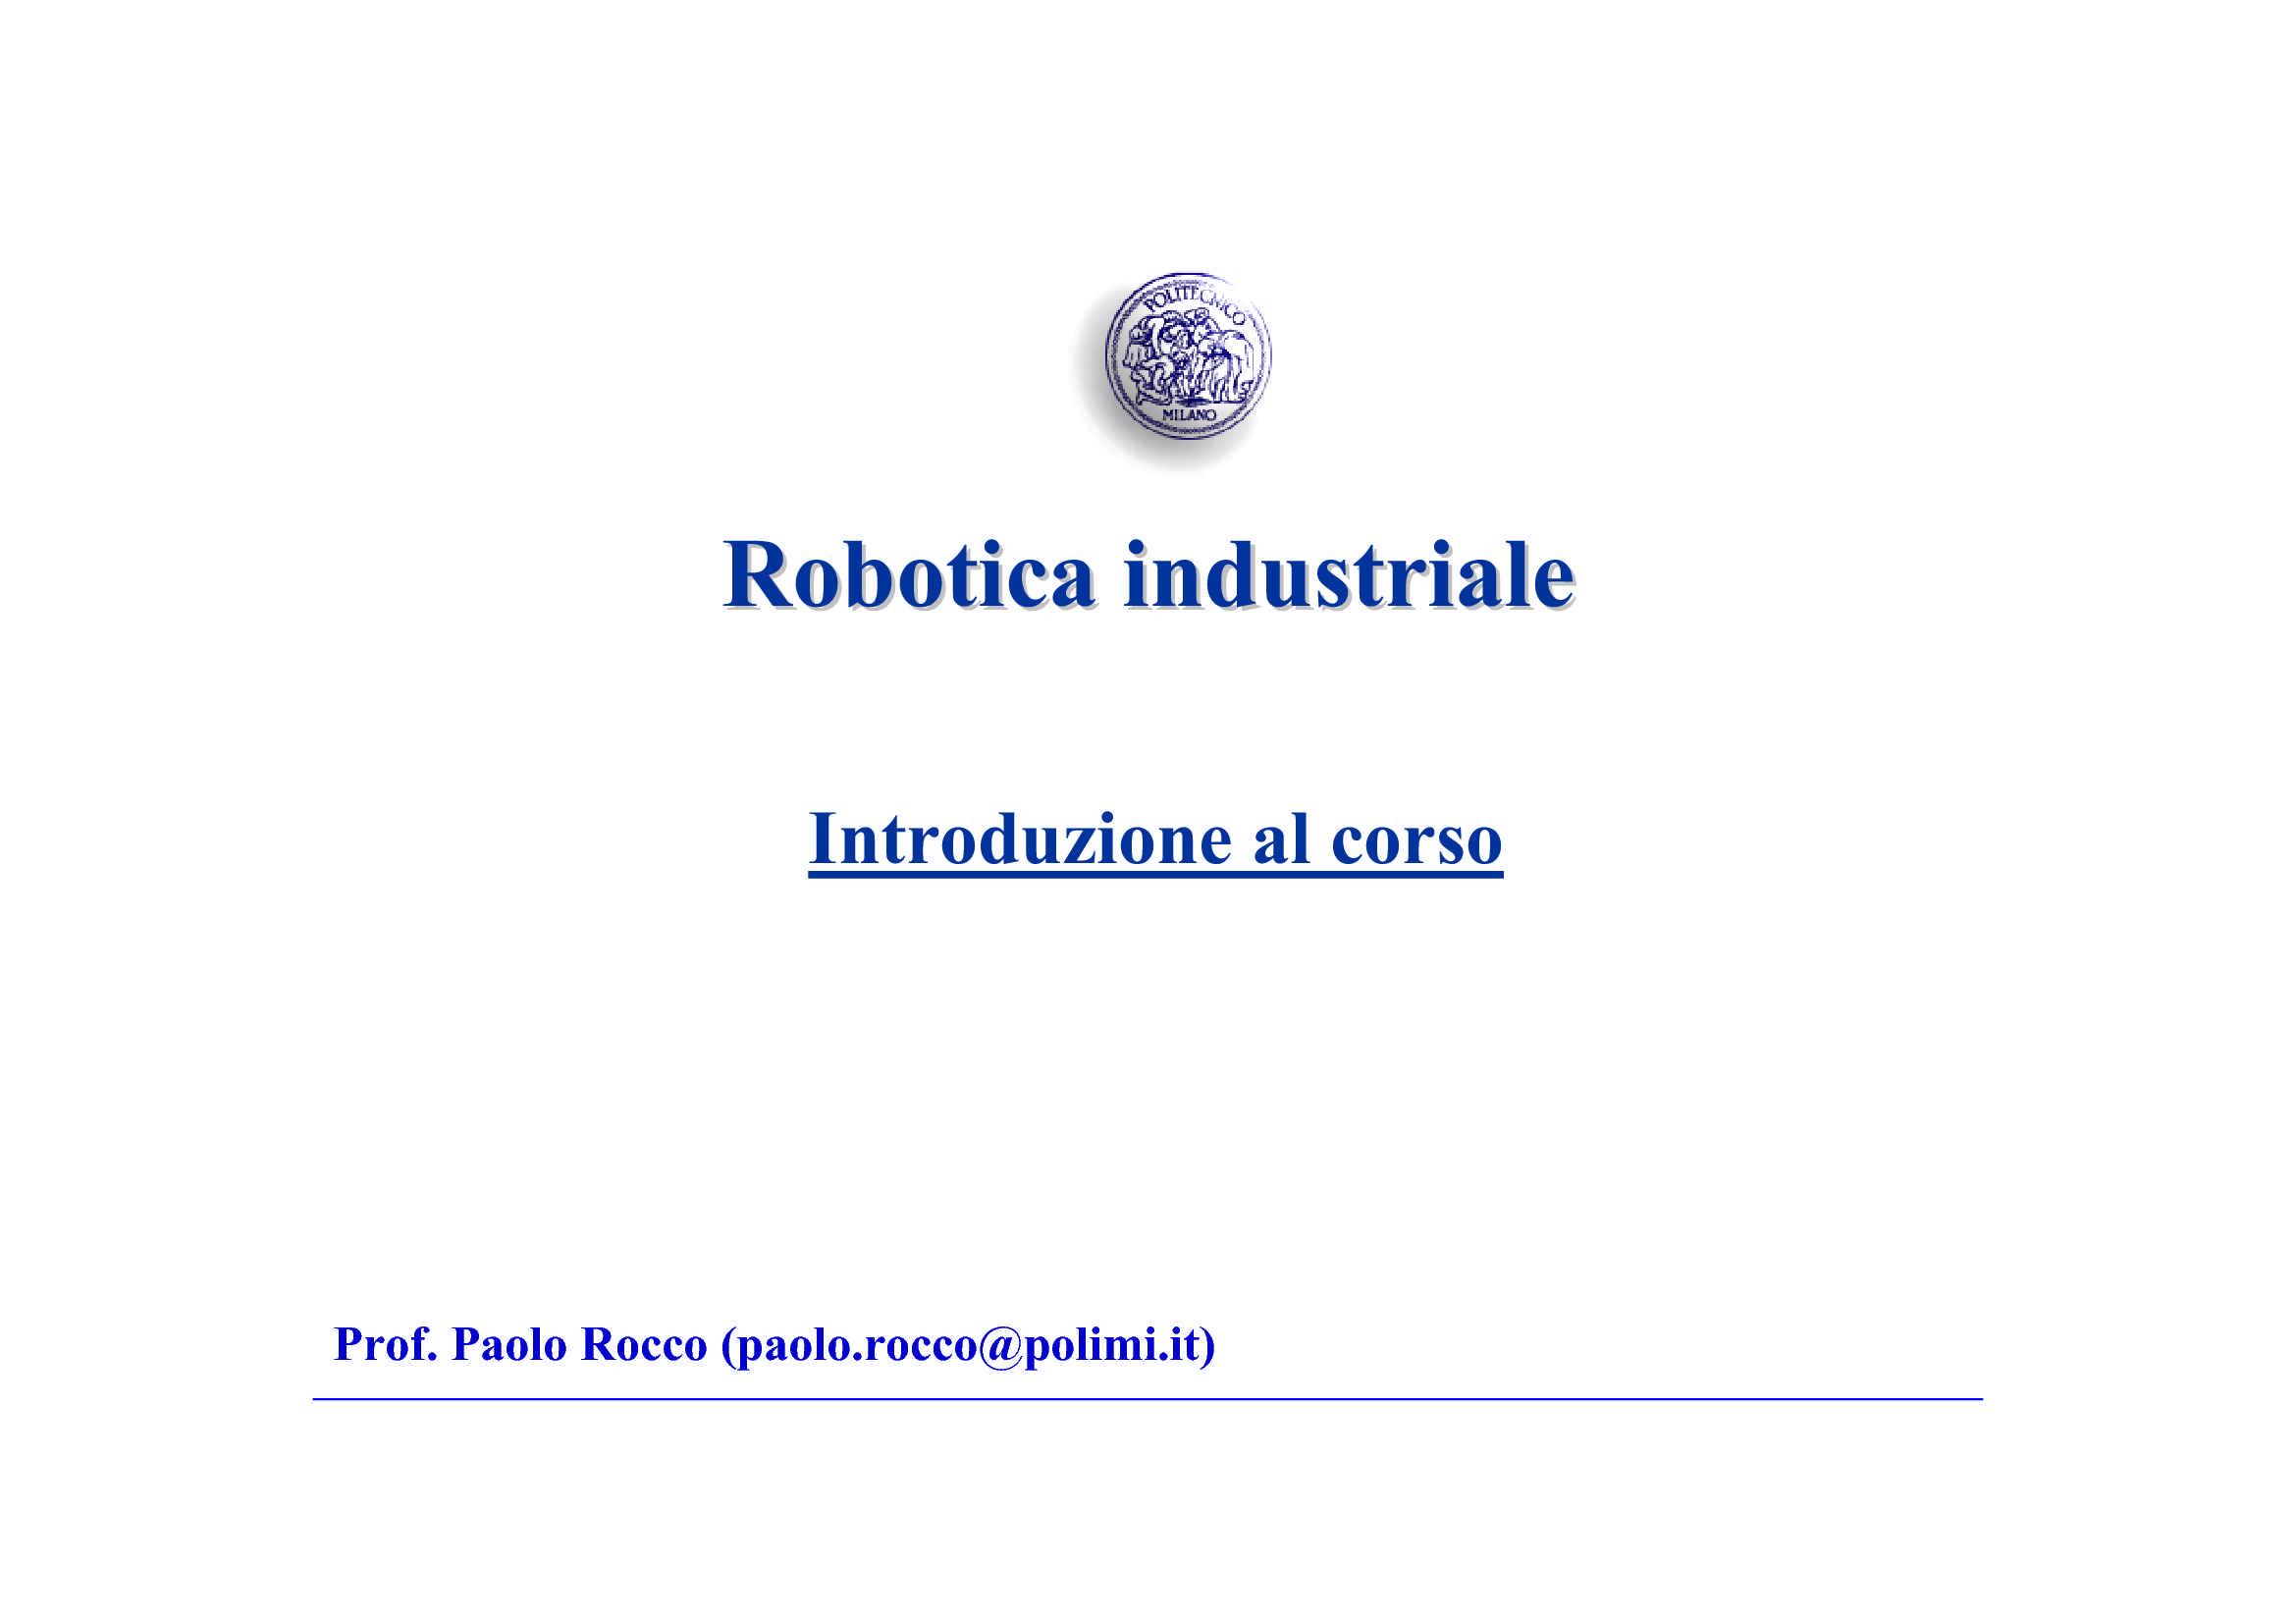 Robotica - Elementi introduttivi